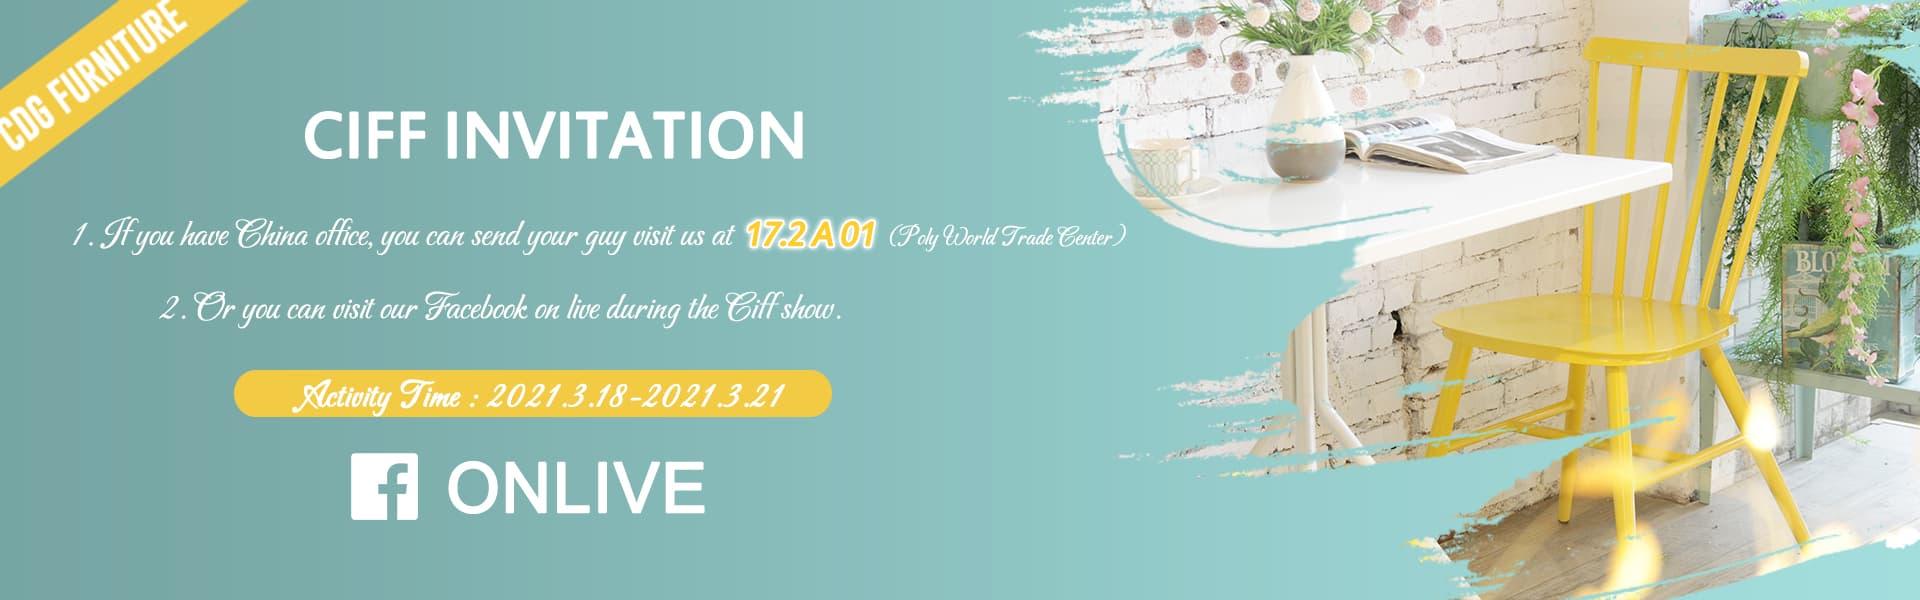 CIFF Invitation